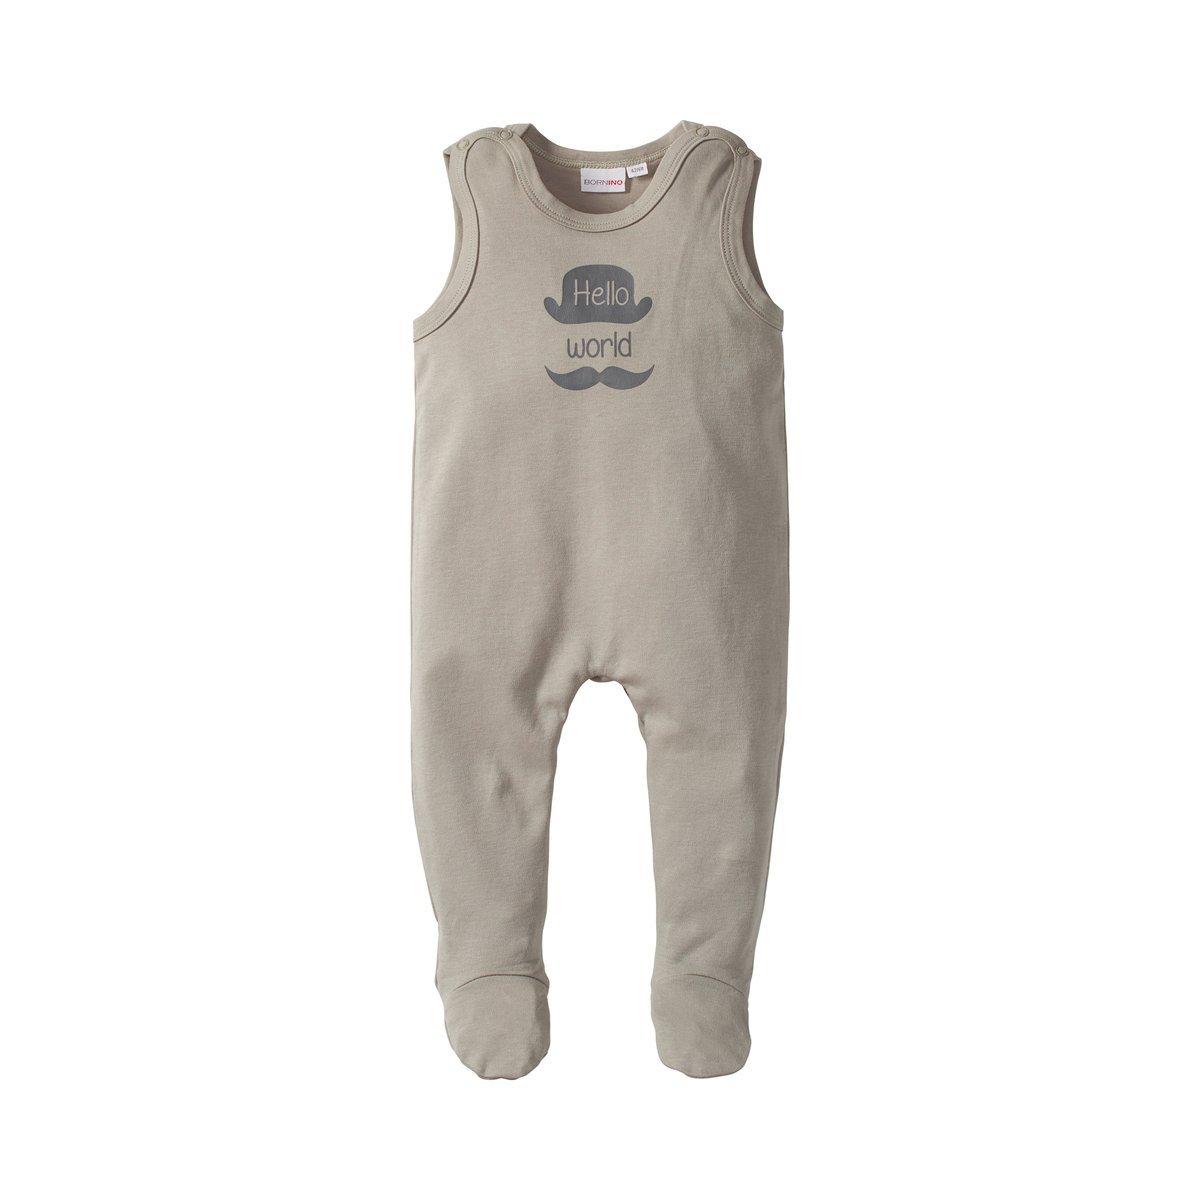 /& Schrittbereich Einteiler f/ür Babys aus Reiner Baumwolle mit Druckkn/öpfen in Schulter Bornino Basics Strampler hellgrau